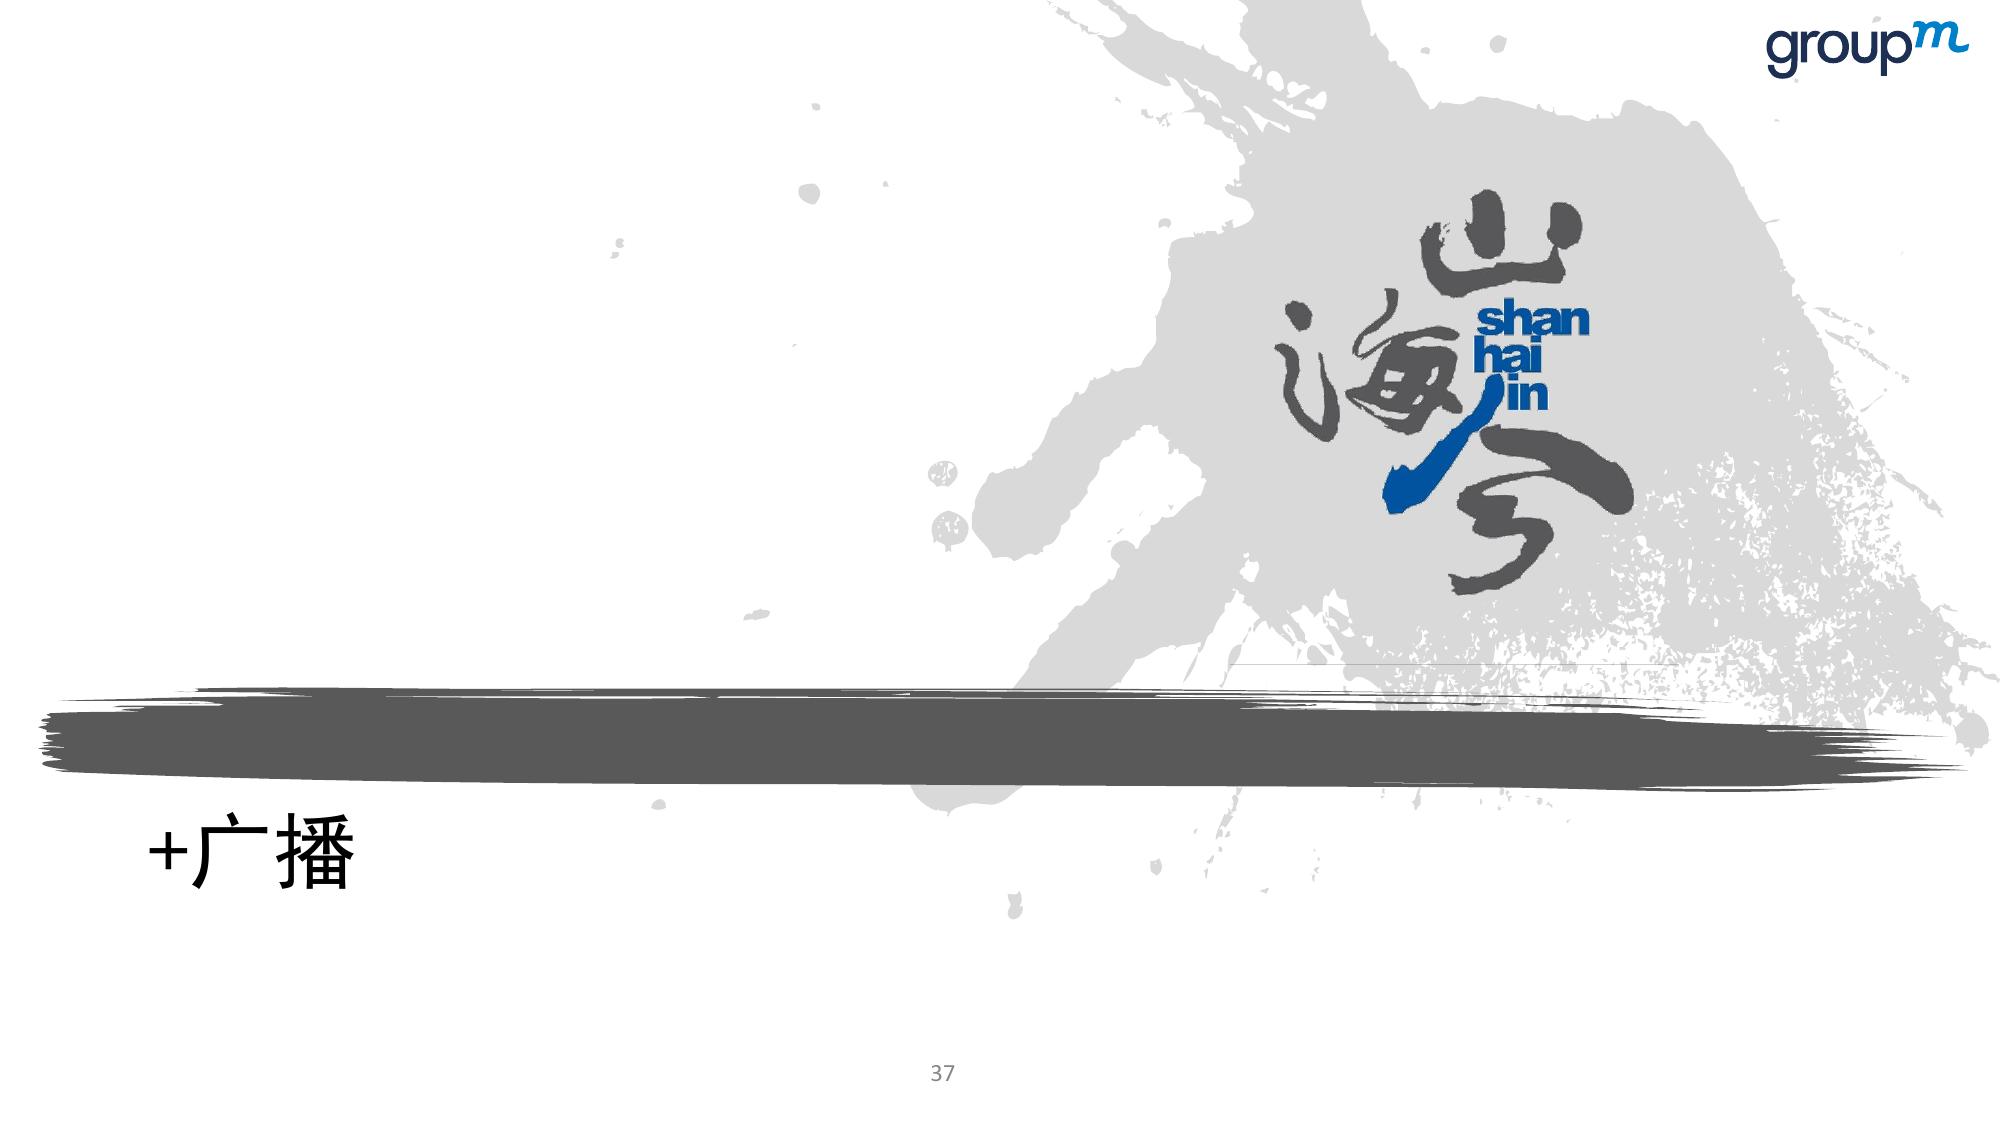 山海今2015中国媒介趋势报告_000037